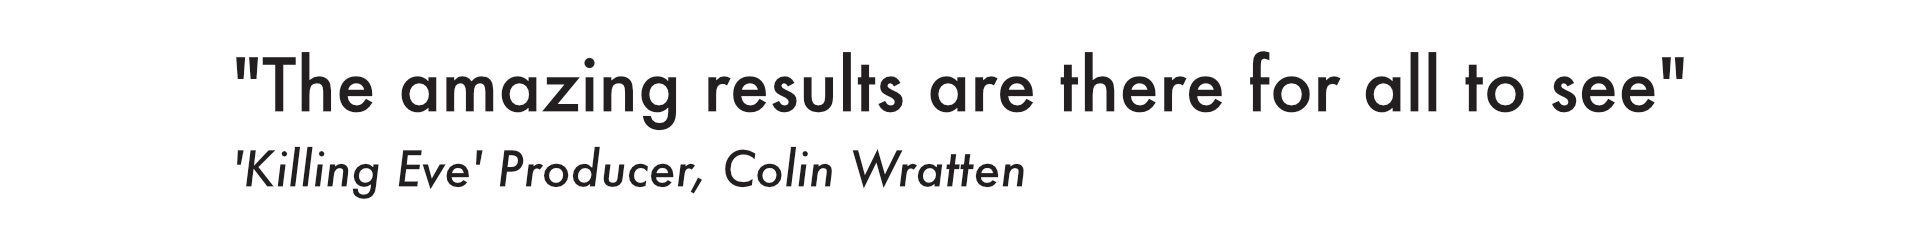 Colin Wratten.jpg